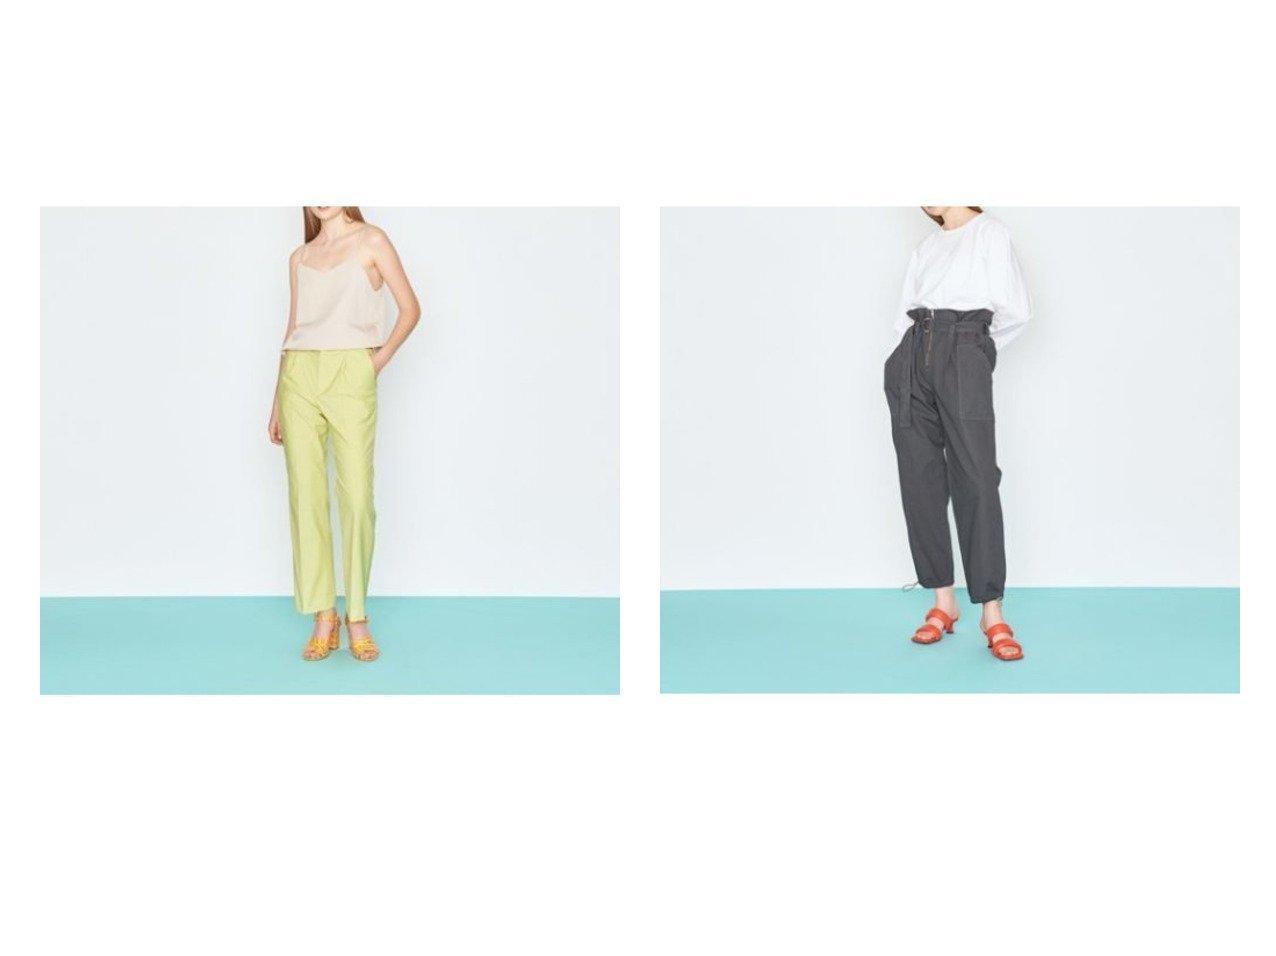 【UNITED ARROWS/ユナイテッドアローズ】のLI ストレートパンツ&2ポケット ハイウエスト ベルトパンツ 【パンツ】おすすめ!人気、トレンド・レディースファッションの通販 おすすめで人気の流行・トレンド、ファッションの通販商品 インテリア・家具・メンズファッション・キッズファッション・レディースファッション・服の通販 founy(ファニー) https://founy.com/ ファッション Fashion レディースファッション WOMEN パンツ Pants ベルト Belts ストレート センター フレア リラックス フロント ポケット  ID:crp329100000043100